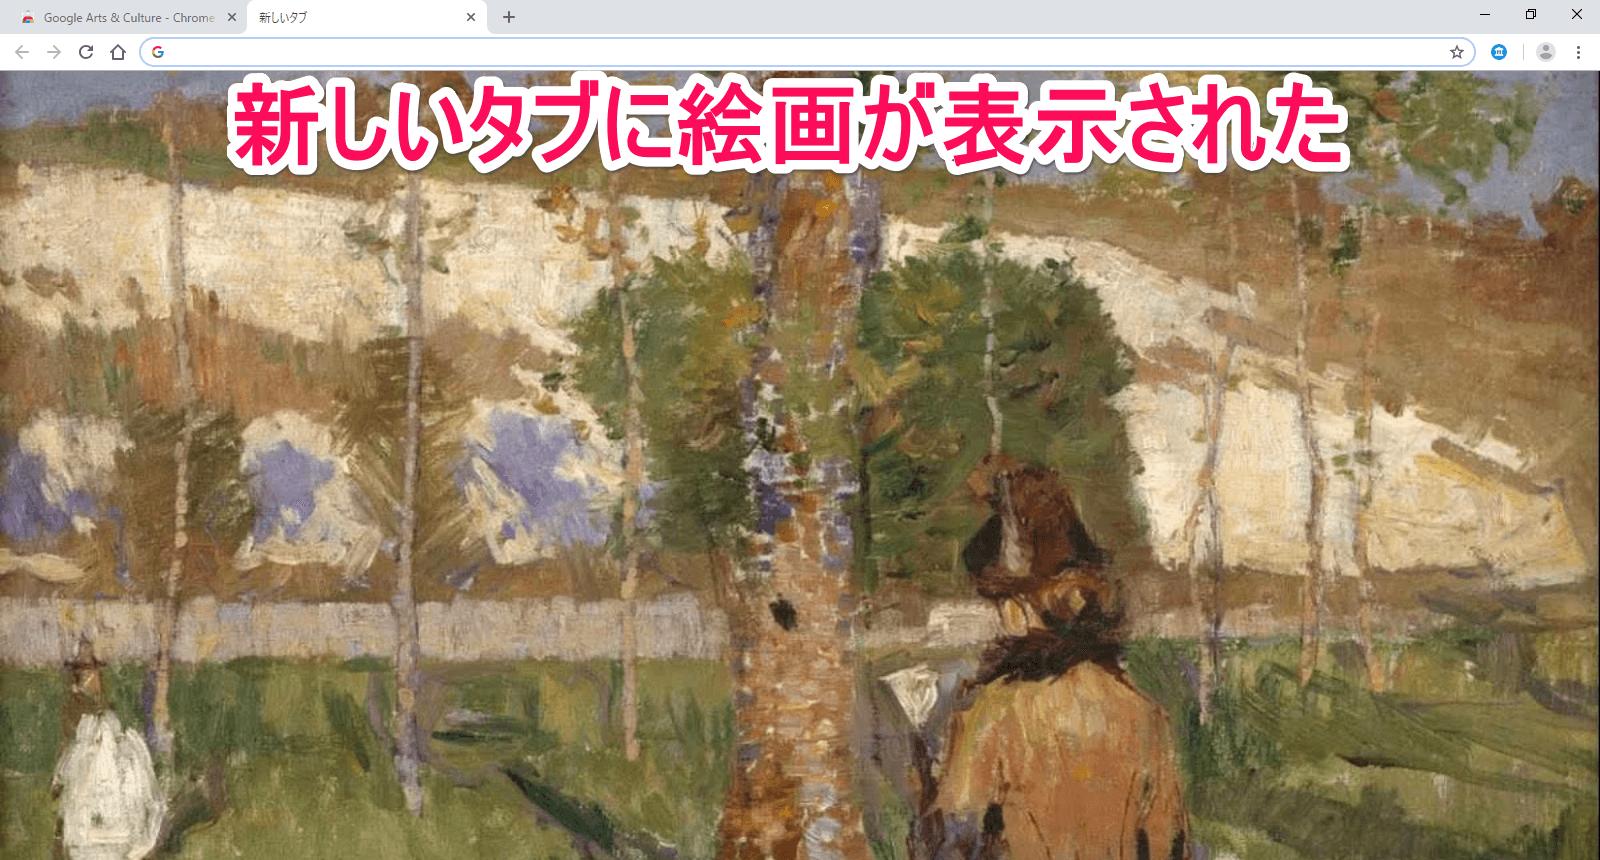 Chrome(クローム)で新しいタブに絵画が表示された画面